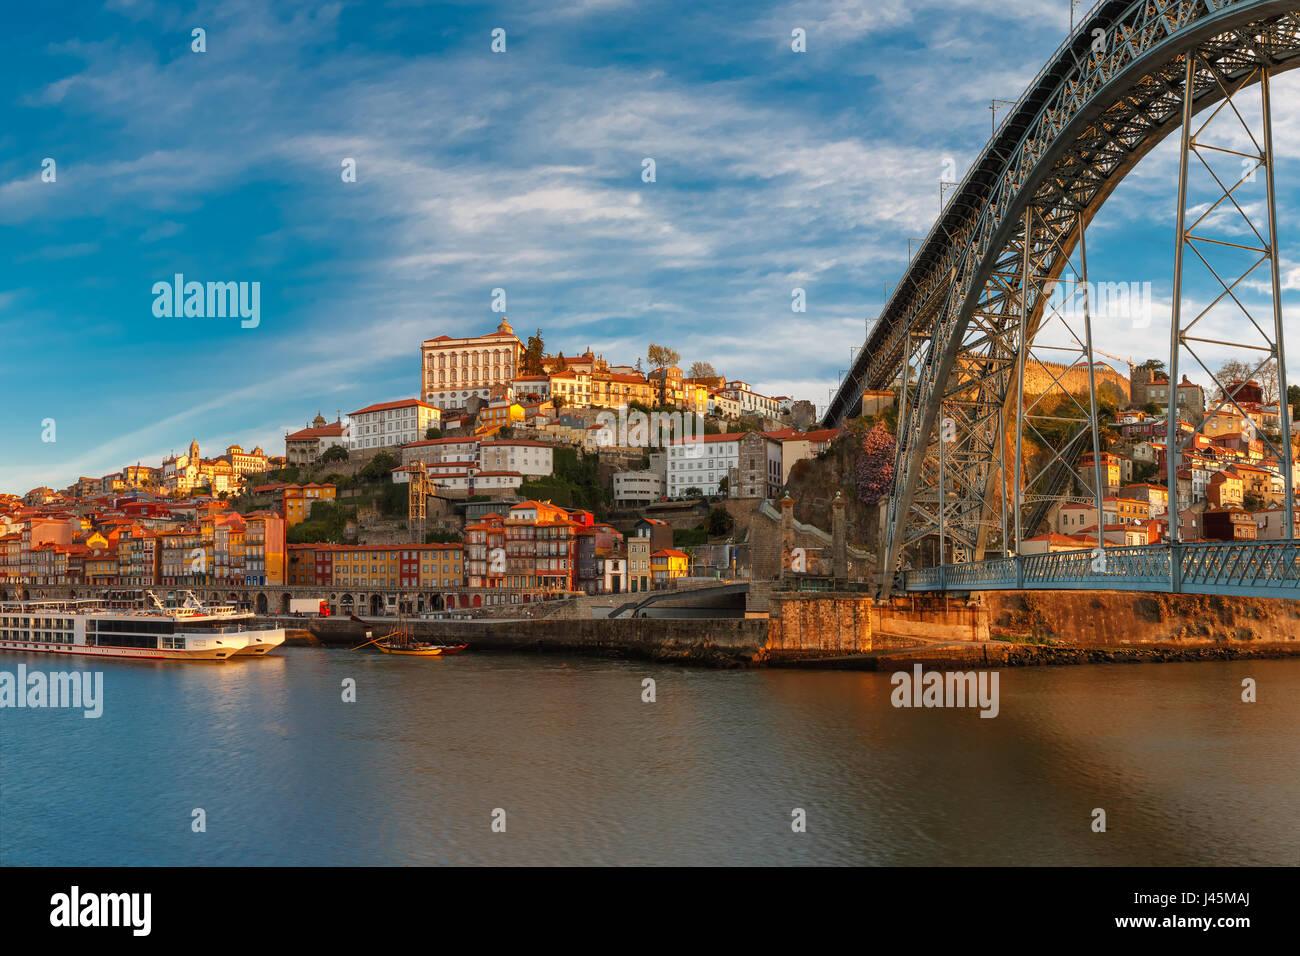 Douro river and Dom Luis bridge, Porto, Portugal. - Stock Image